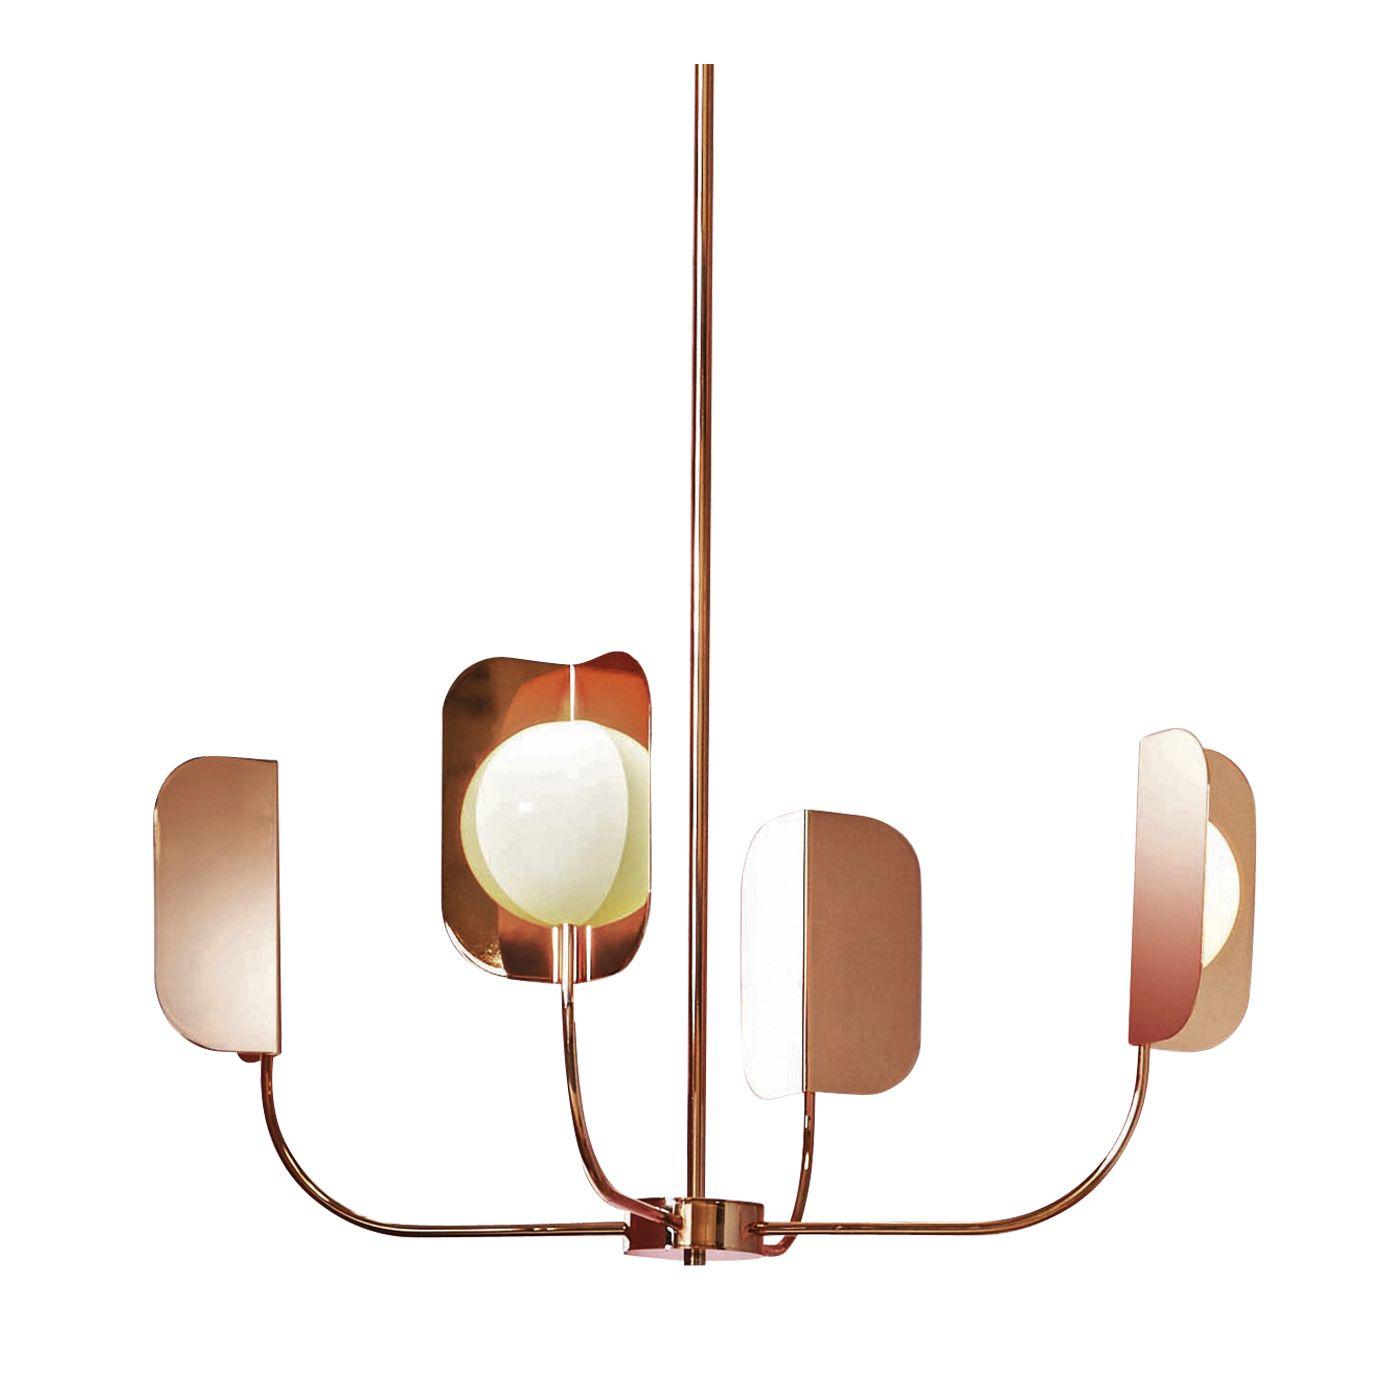 eclectic lighting fixtures. Eclectic Lighting Fixtures. Leaf 4 Lights Chandelier - Shop MM Lampadari Online At Artemest Fixtures I